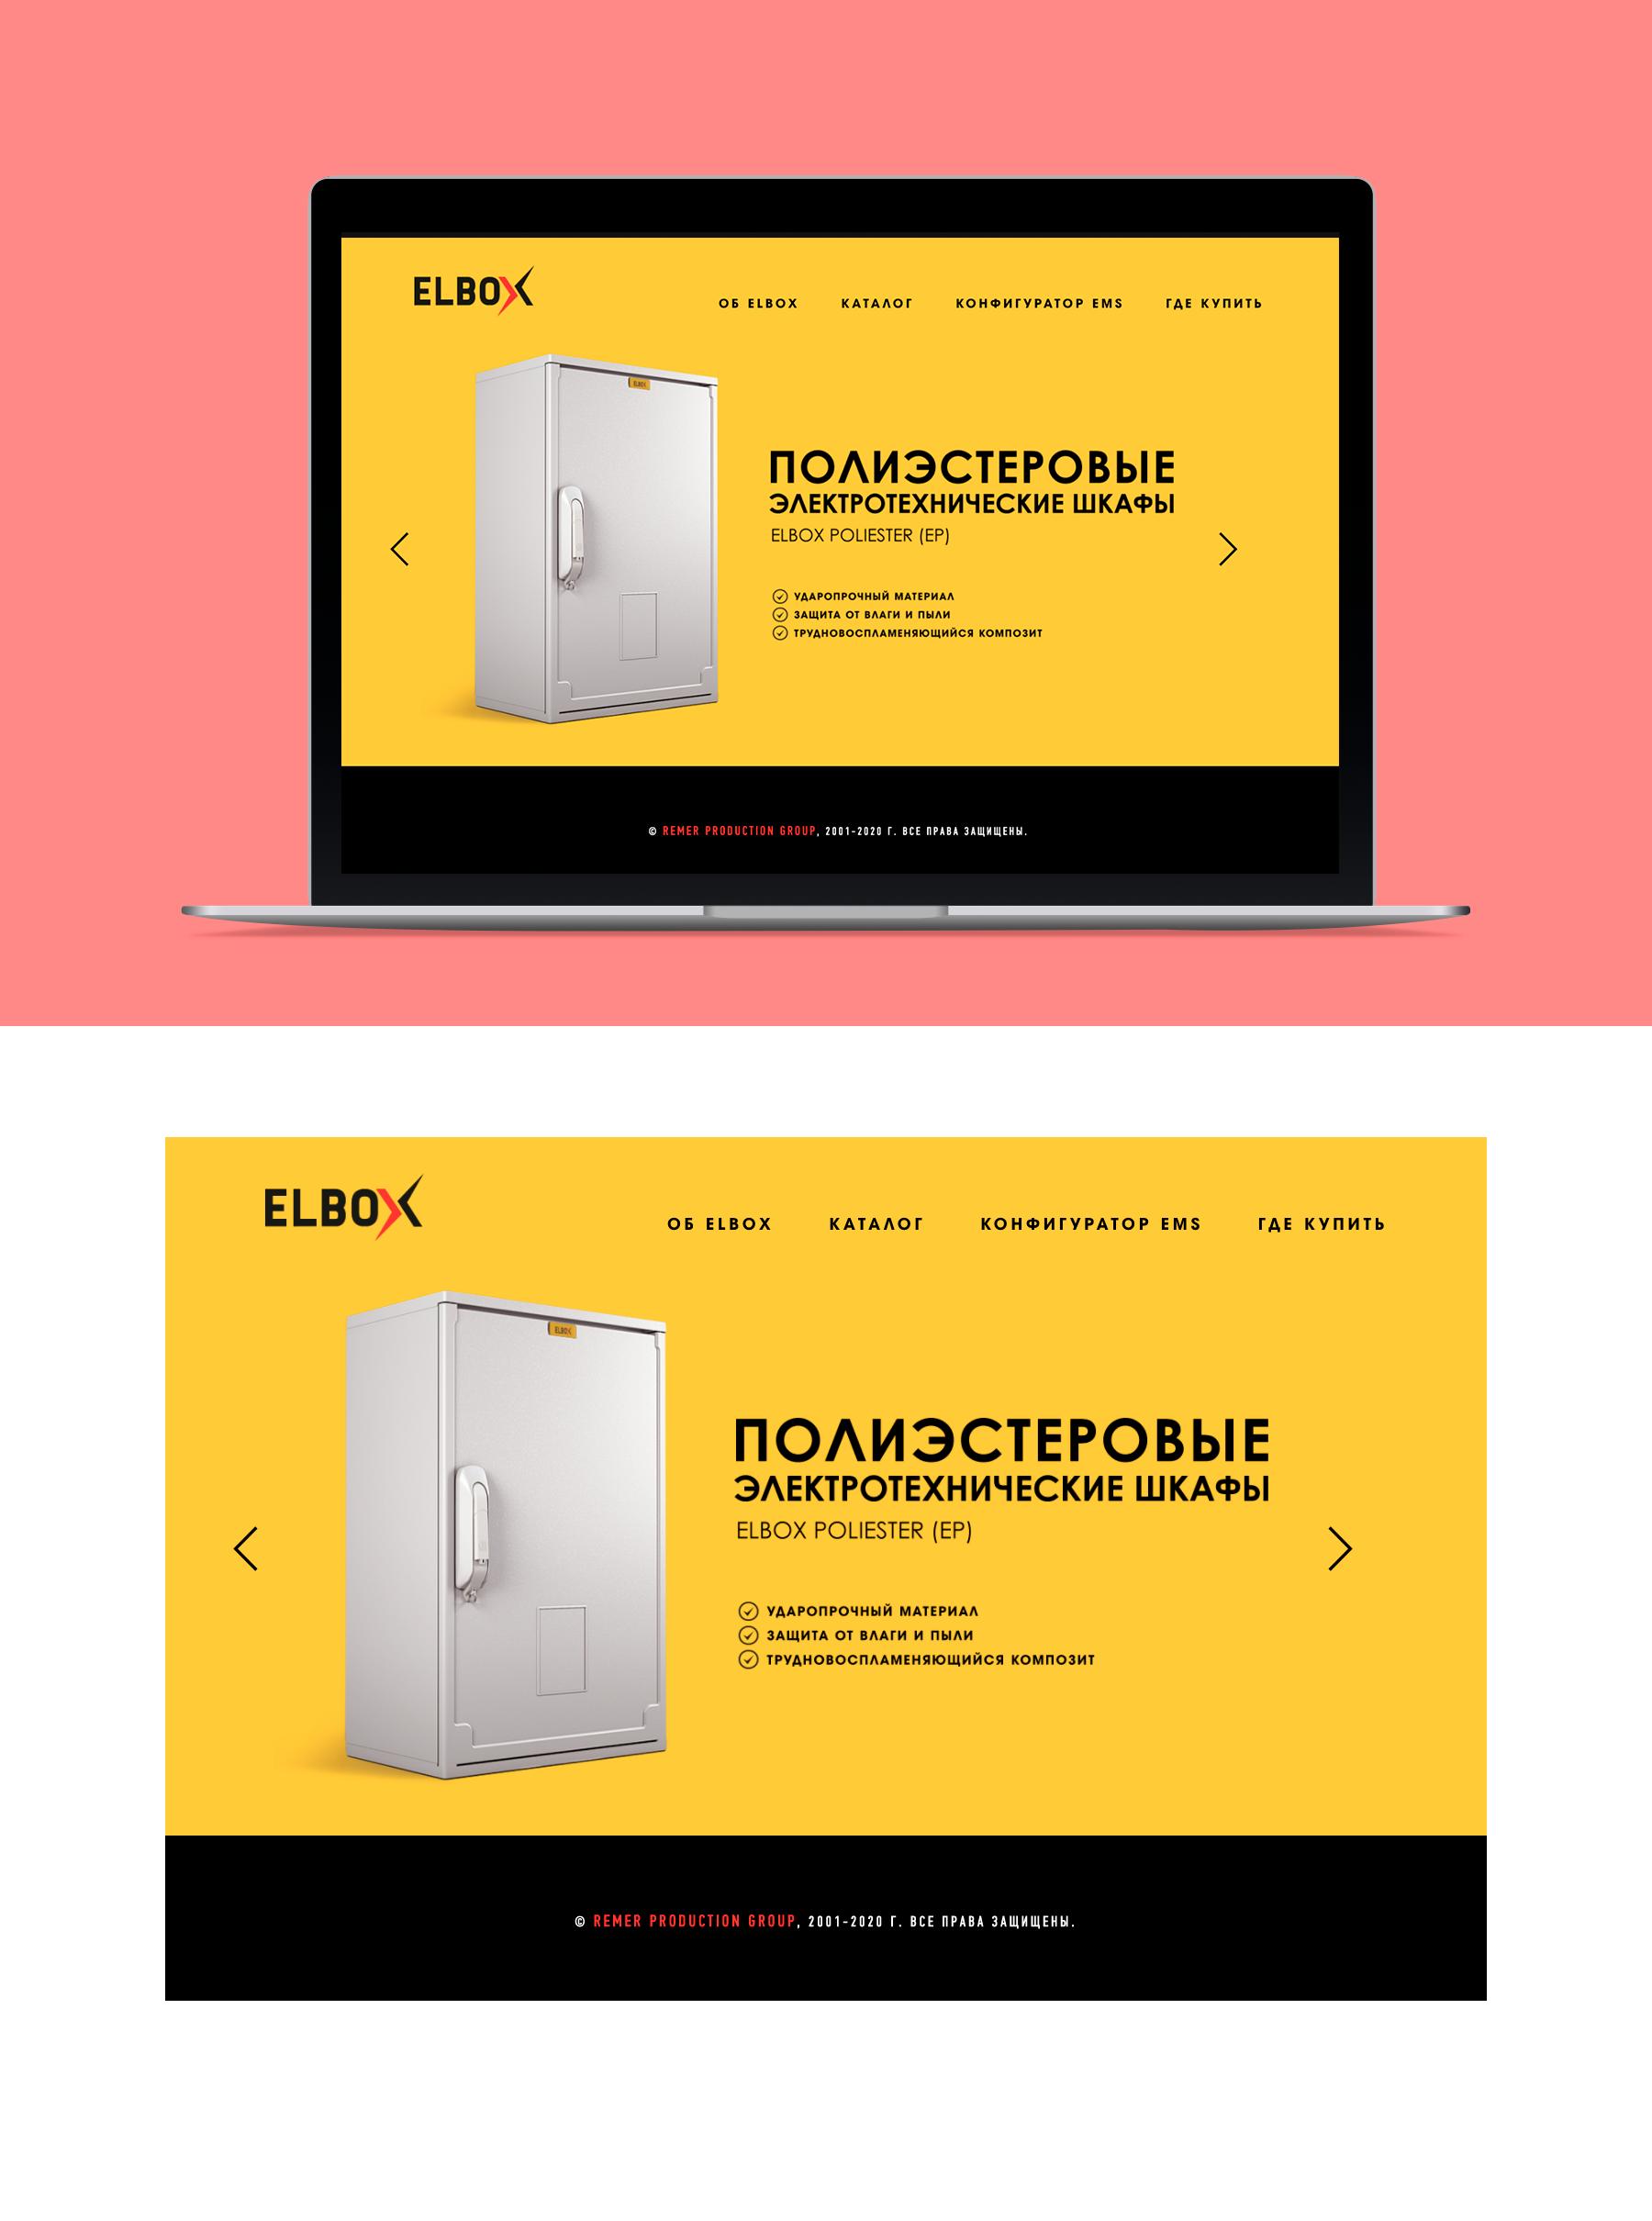 elbox.ru